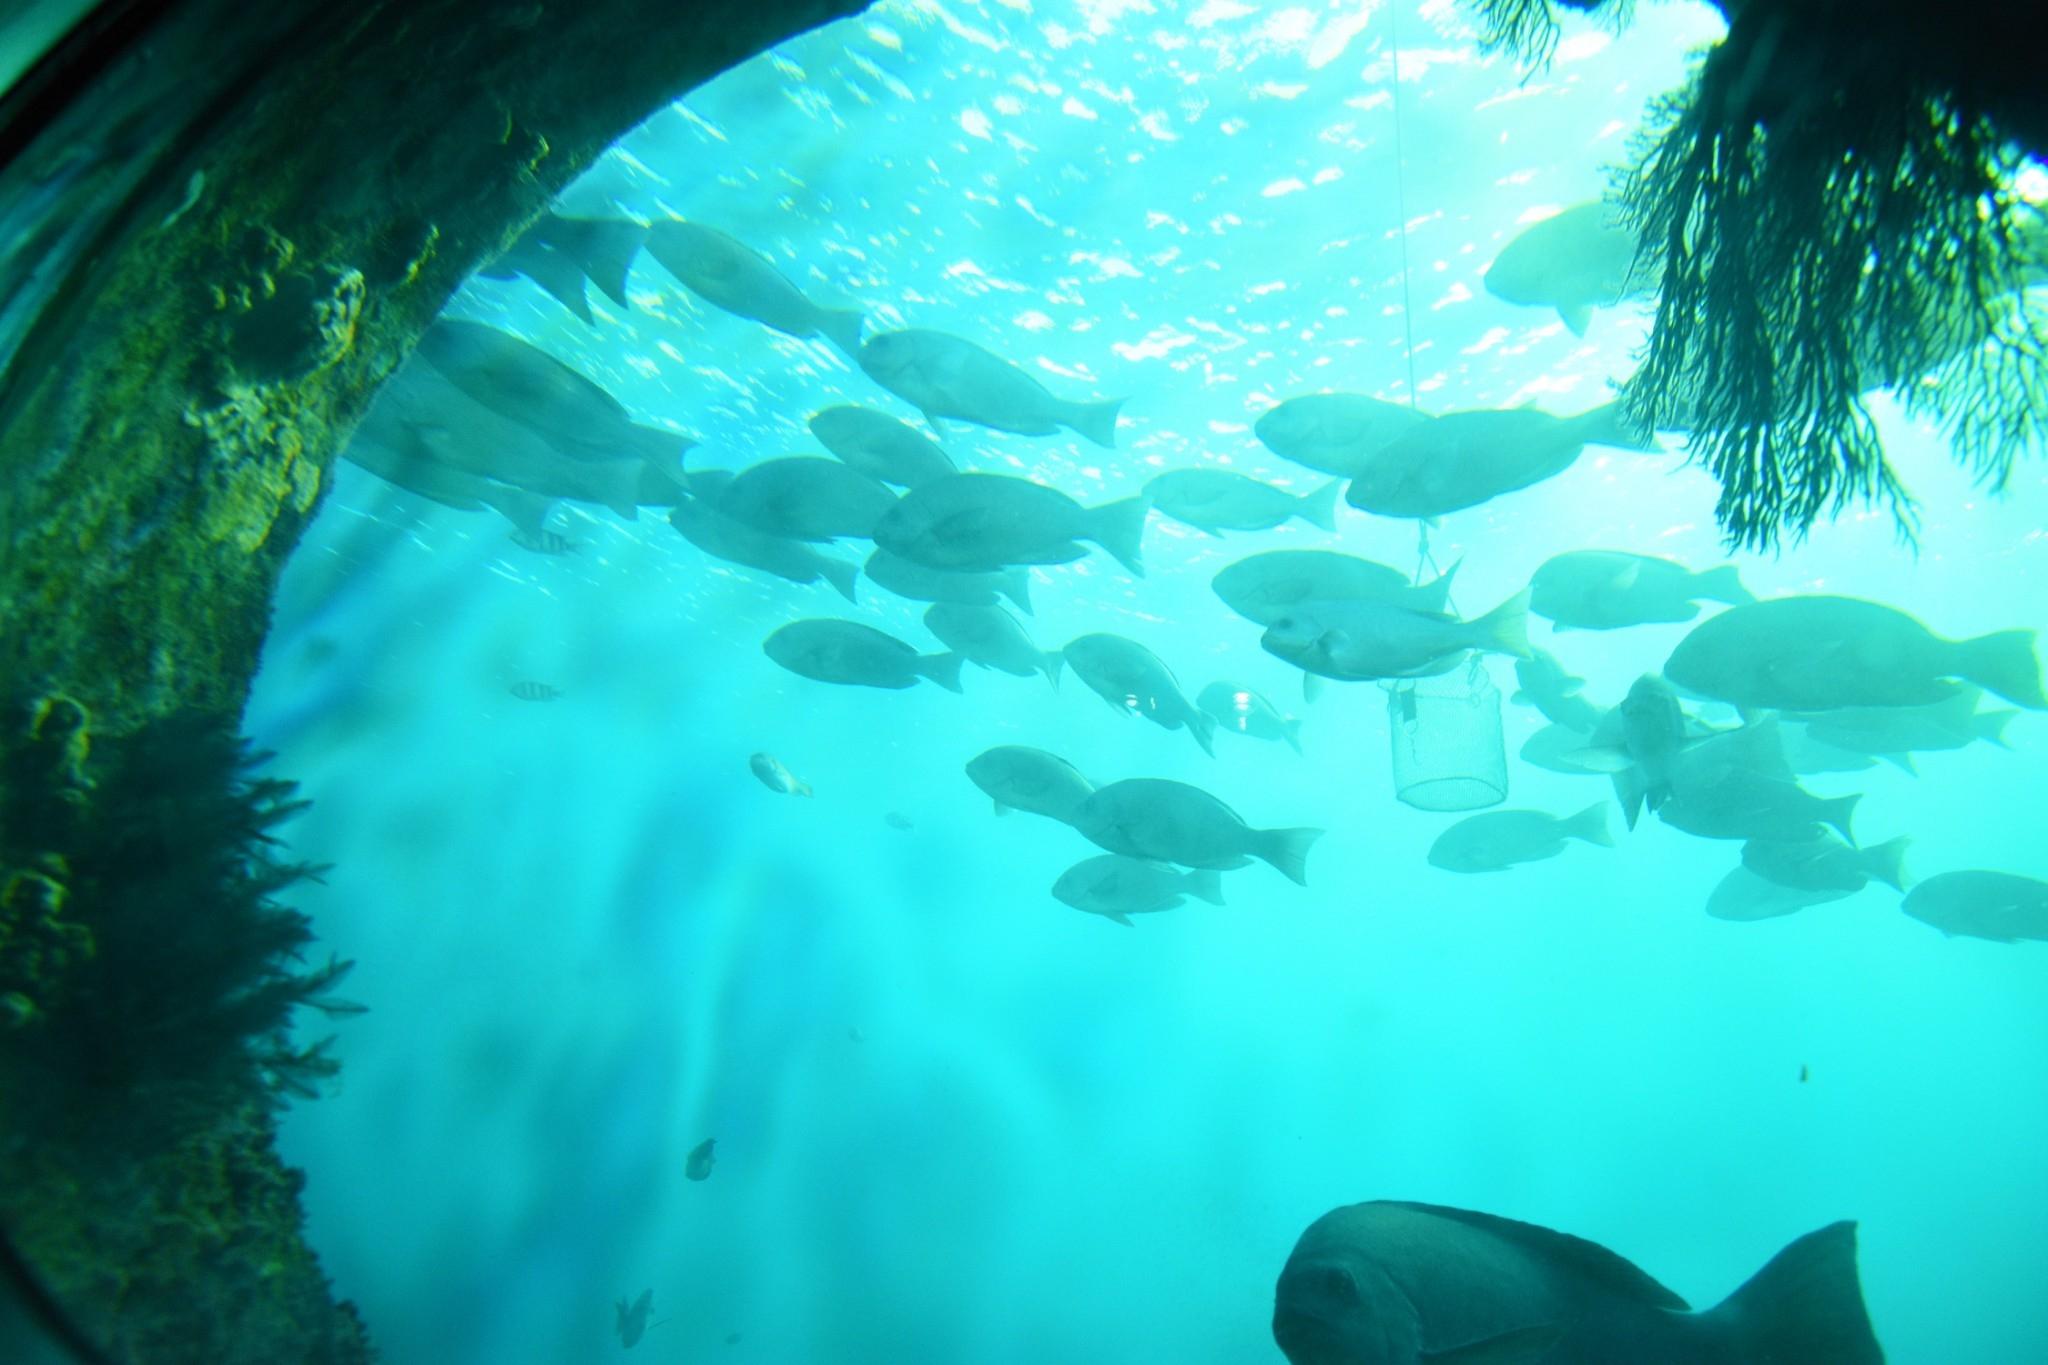 幻想的海底のロマン!青く輝く海の神秘!「足摺海底館」